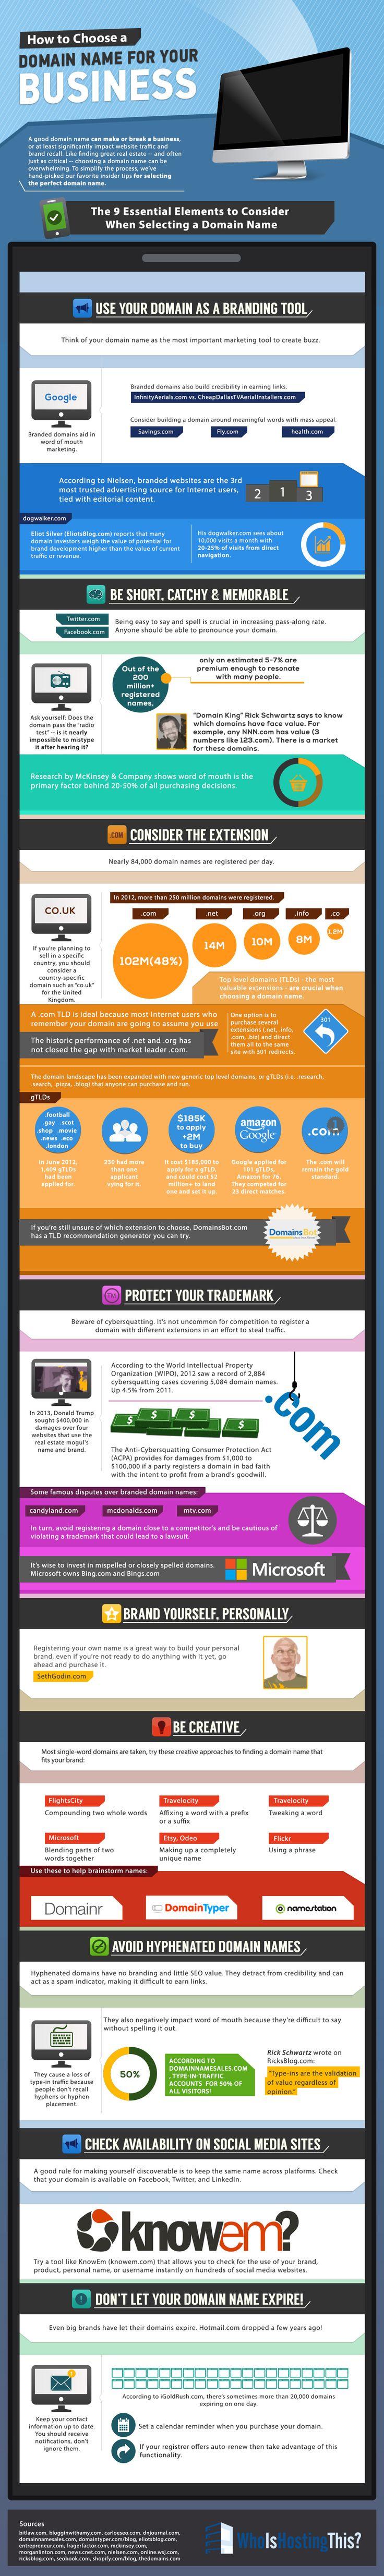 Cómo elegir el mejor nombre para tu dominio #infografia #infographic